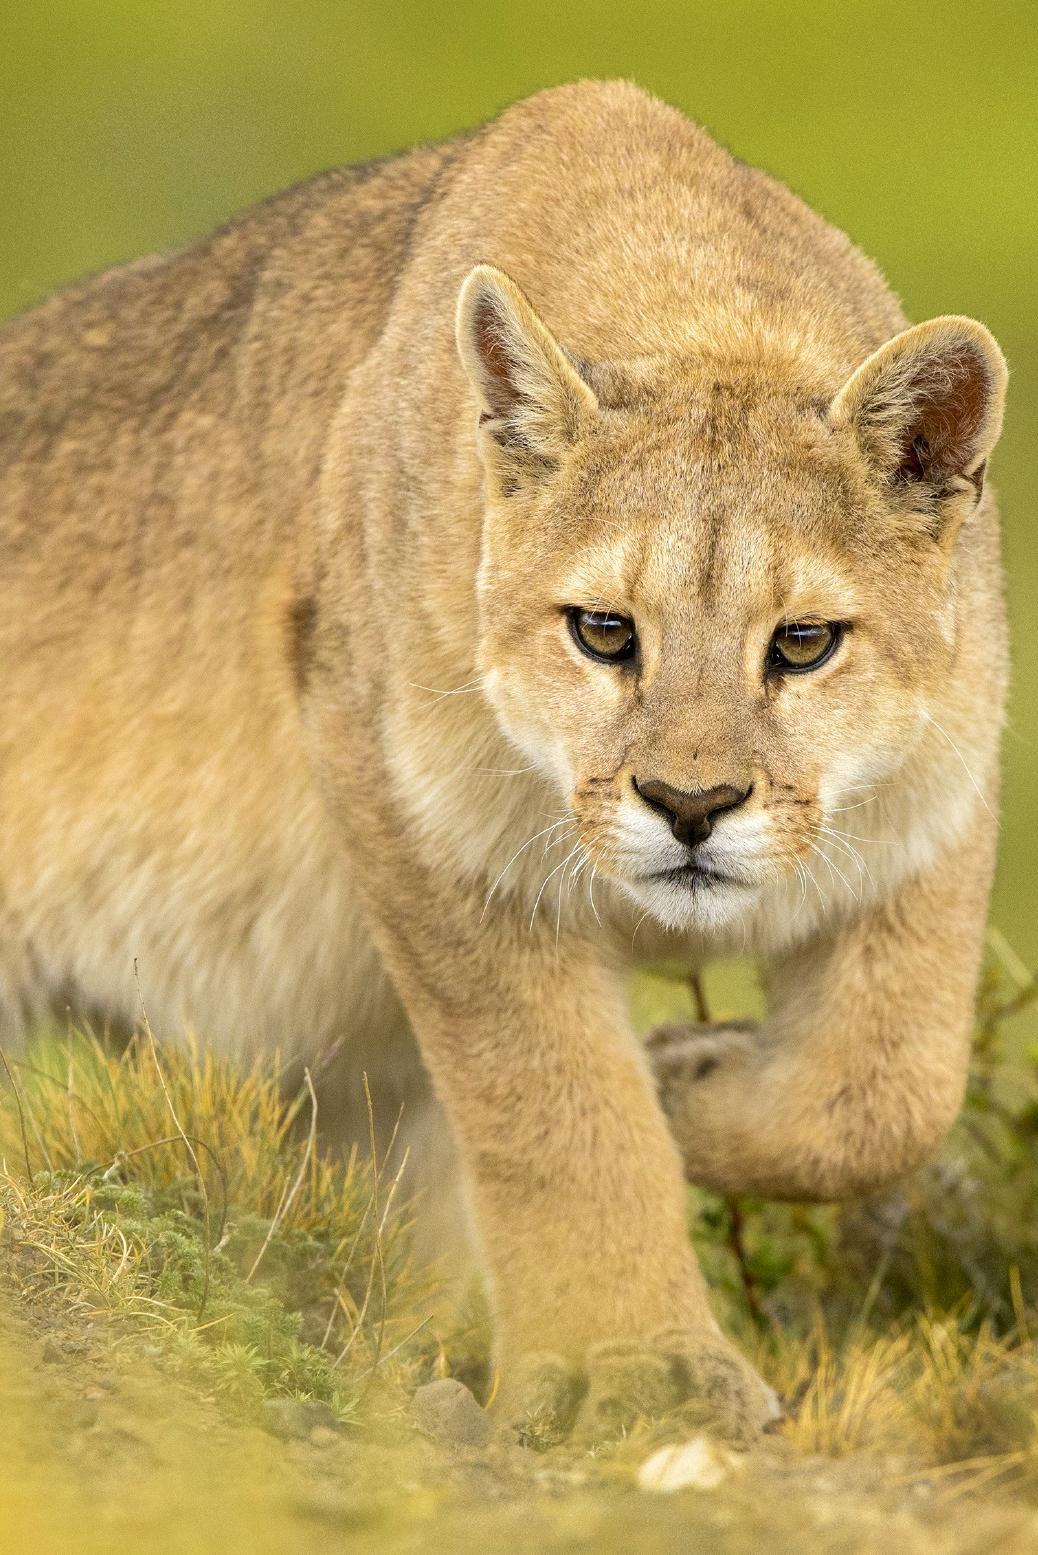 Brünette Puma Zlata macht Liebe nach romantischer Verabredung mit jungem Mann